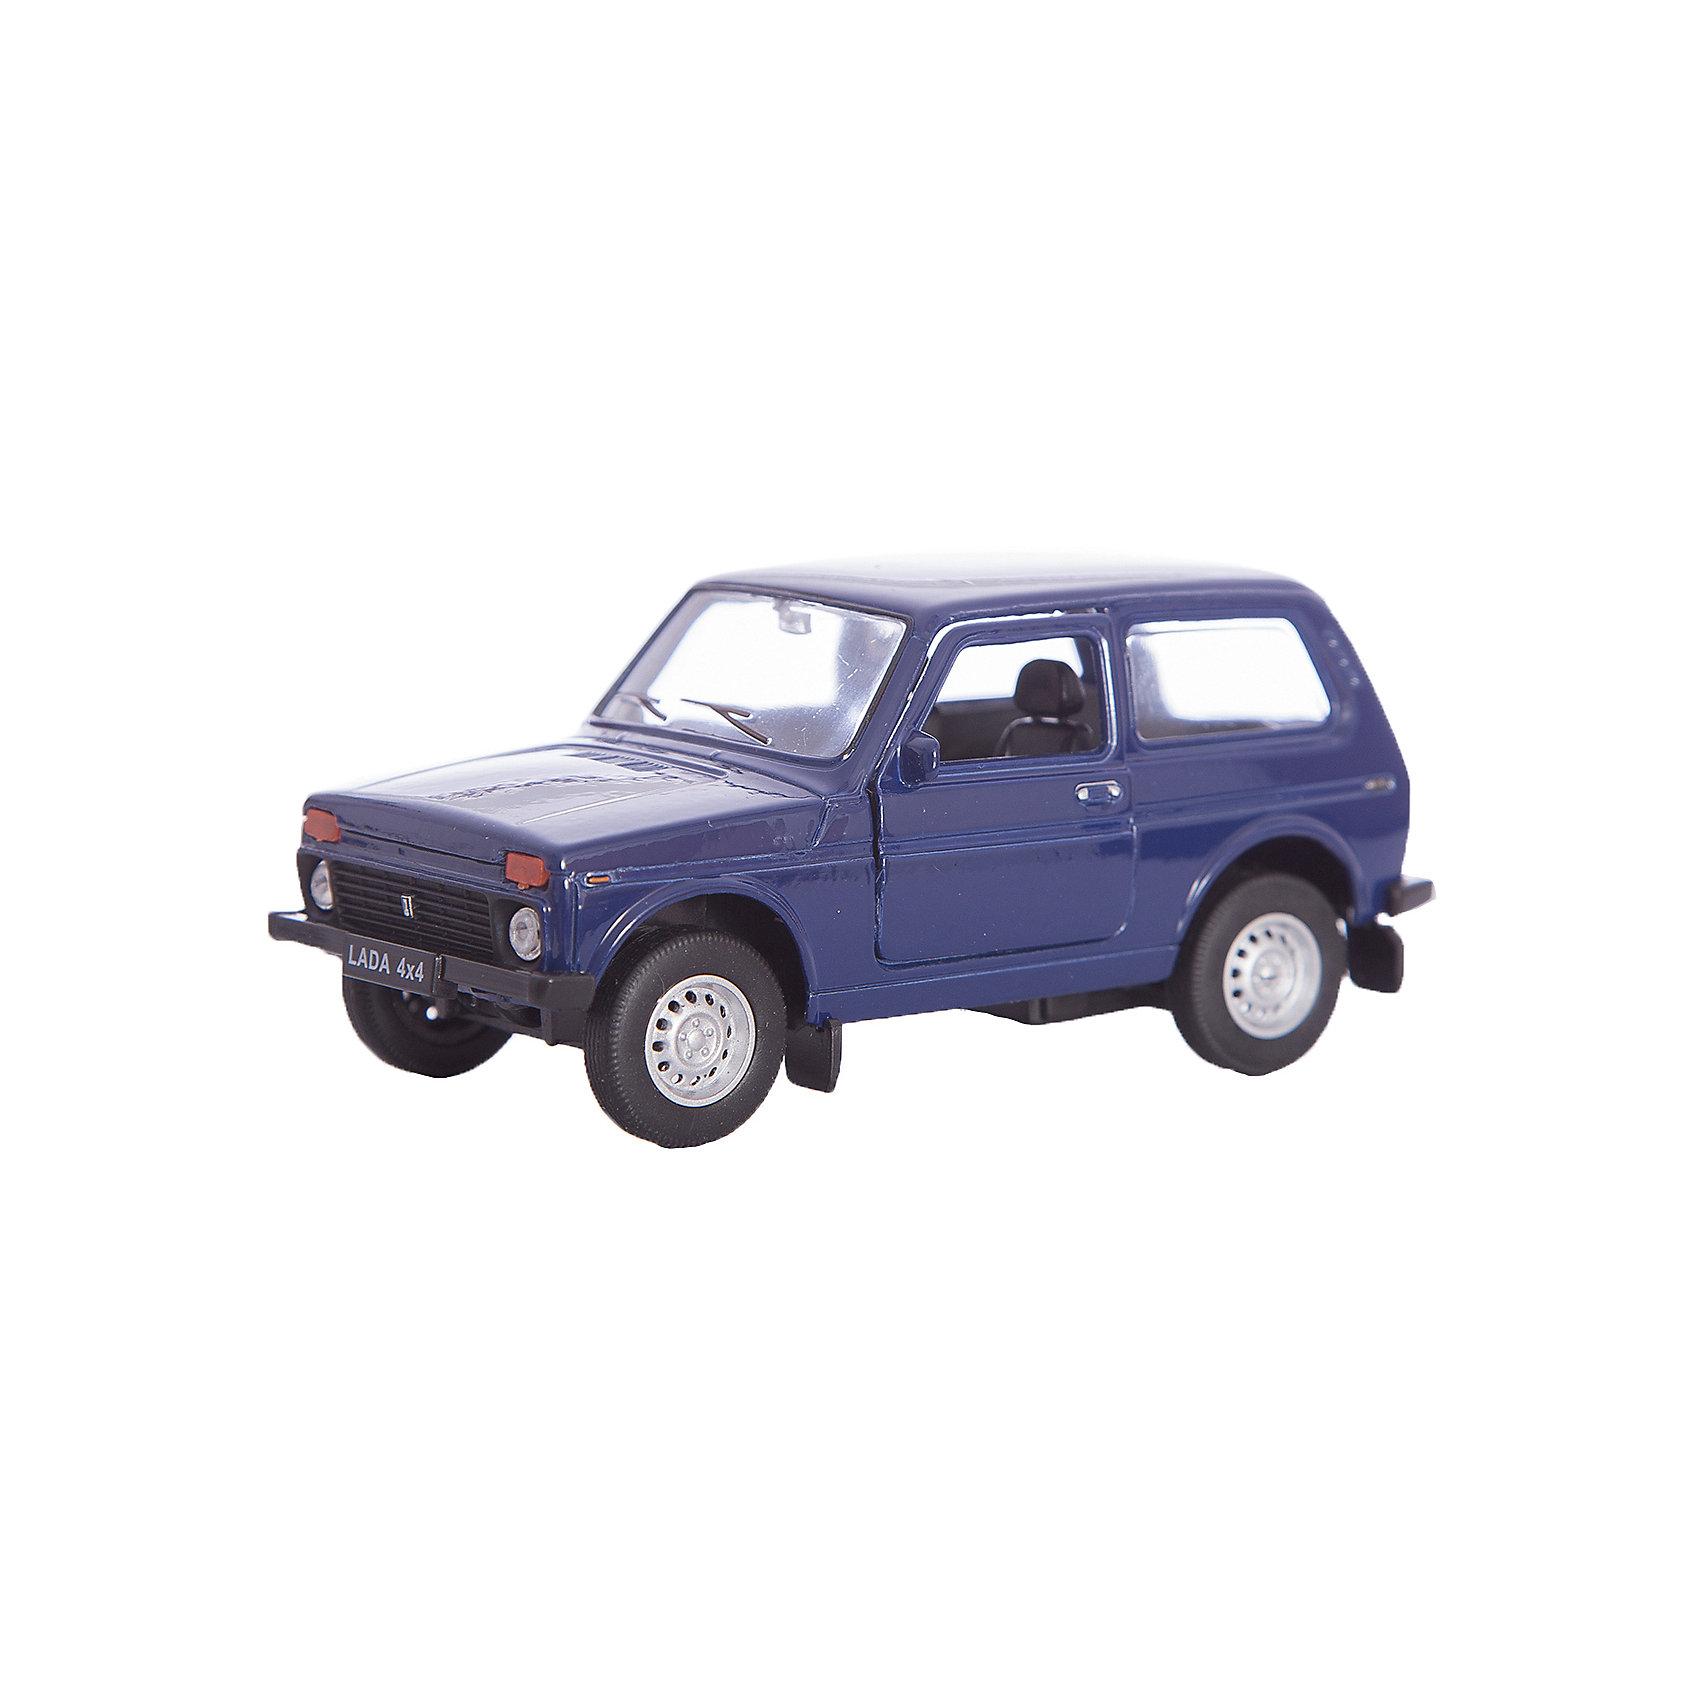 Модель машины 1:34-39 LADA 4x4, WellyКоллекционные модели<br>Коллекционная модель машины  масштаба 1:34-39 LADA 4x4. Функции: открываются передние двери, инерционный механизм.<br>Цвет кузова автомобиля представлен в ассортименте. Выбрать определенный цвет заранее не представляется возможным.<br><br>Ширина мм: 60<br>Глубина мм: 110<br>Высота мм: 150<br>Вес г: 173<br>Возраст от месяцев: 36<br>Возраст до месяцев: 192<br>Пол: Мужской<br>Возраст: Детский<br>SKU: 4966519